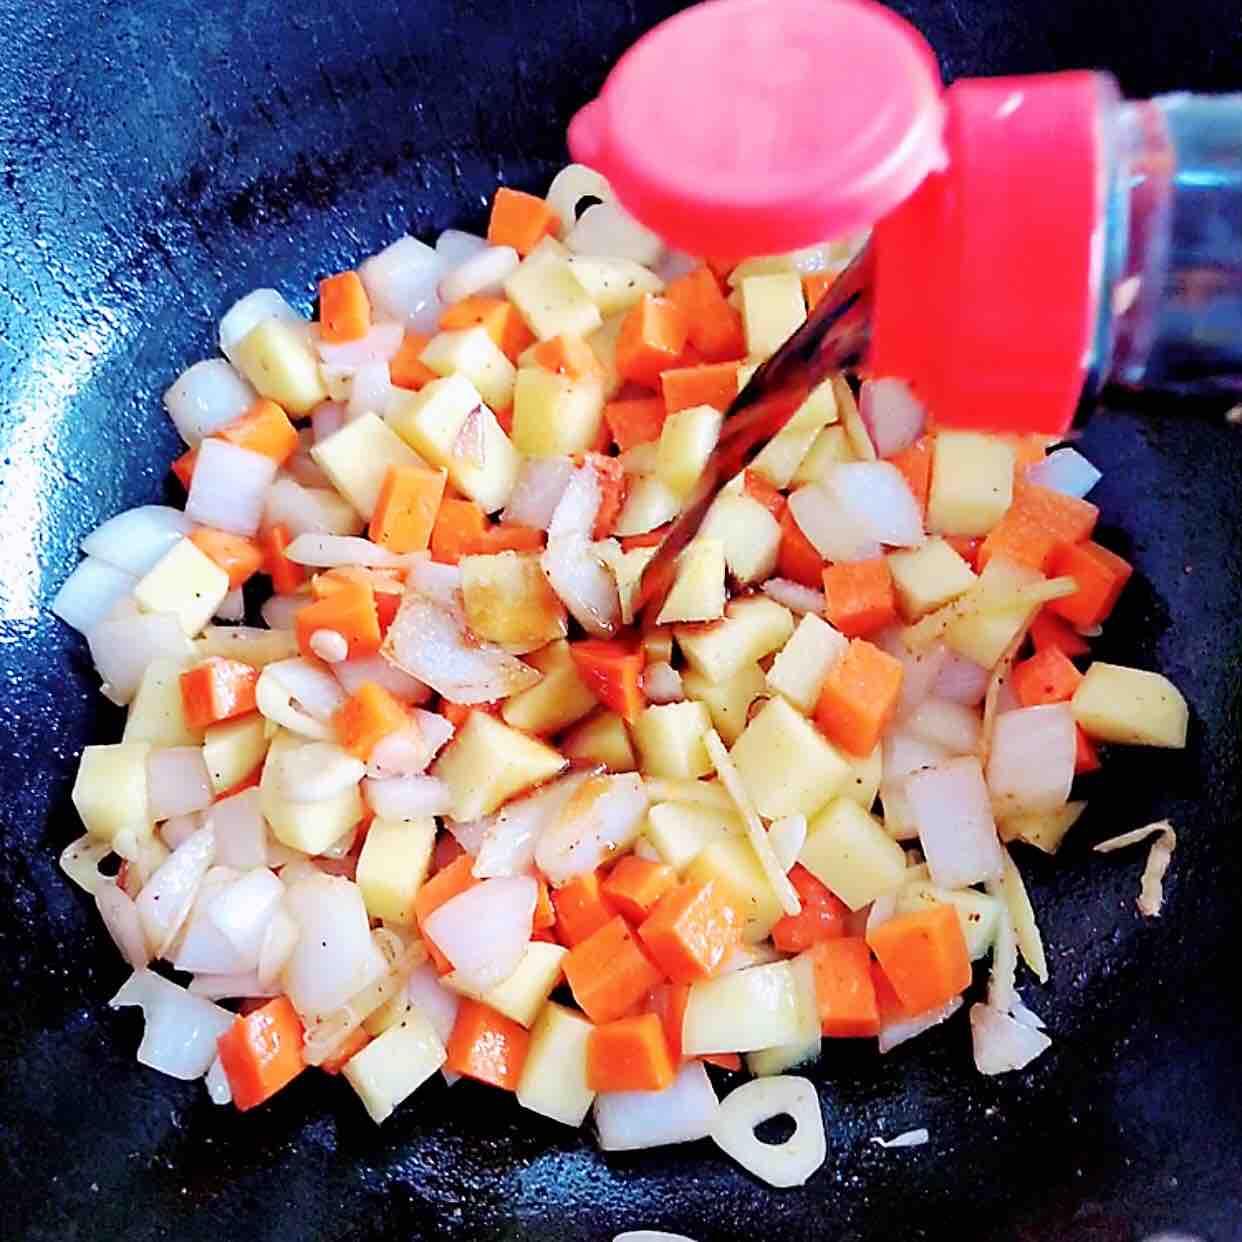 咖喱虾仁鲜蔬意面怎样炒